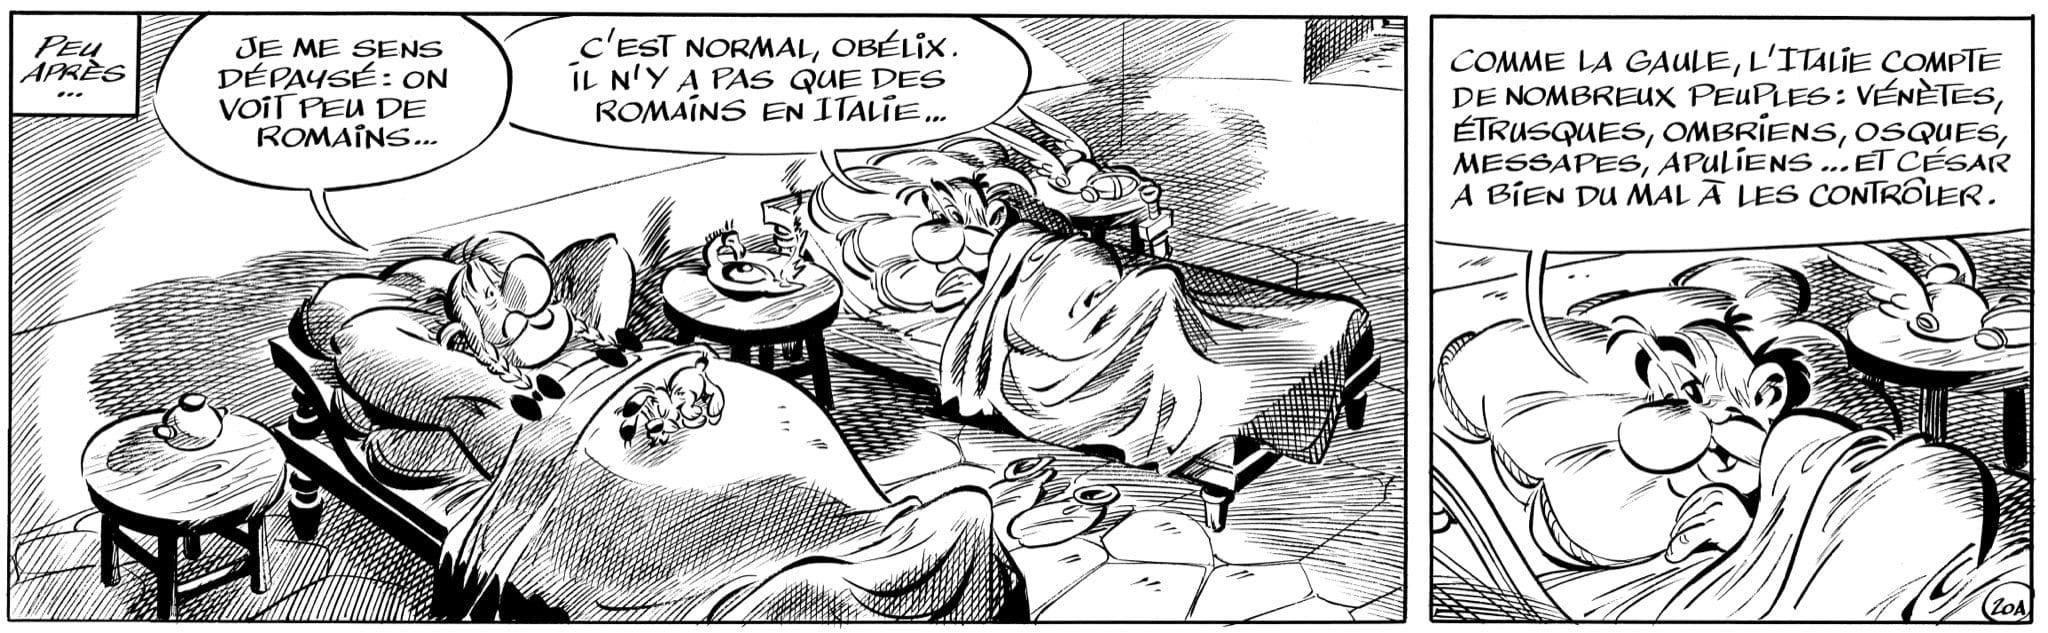 Astérix et la Transitalique image Strip-FR